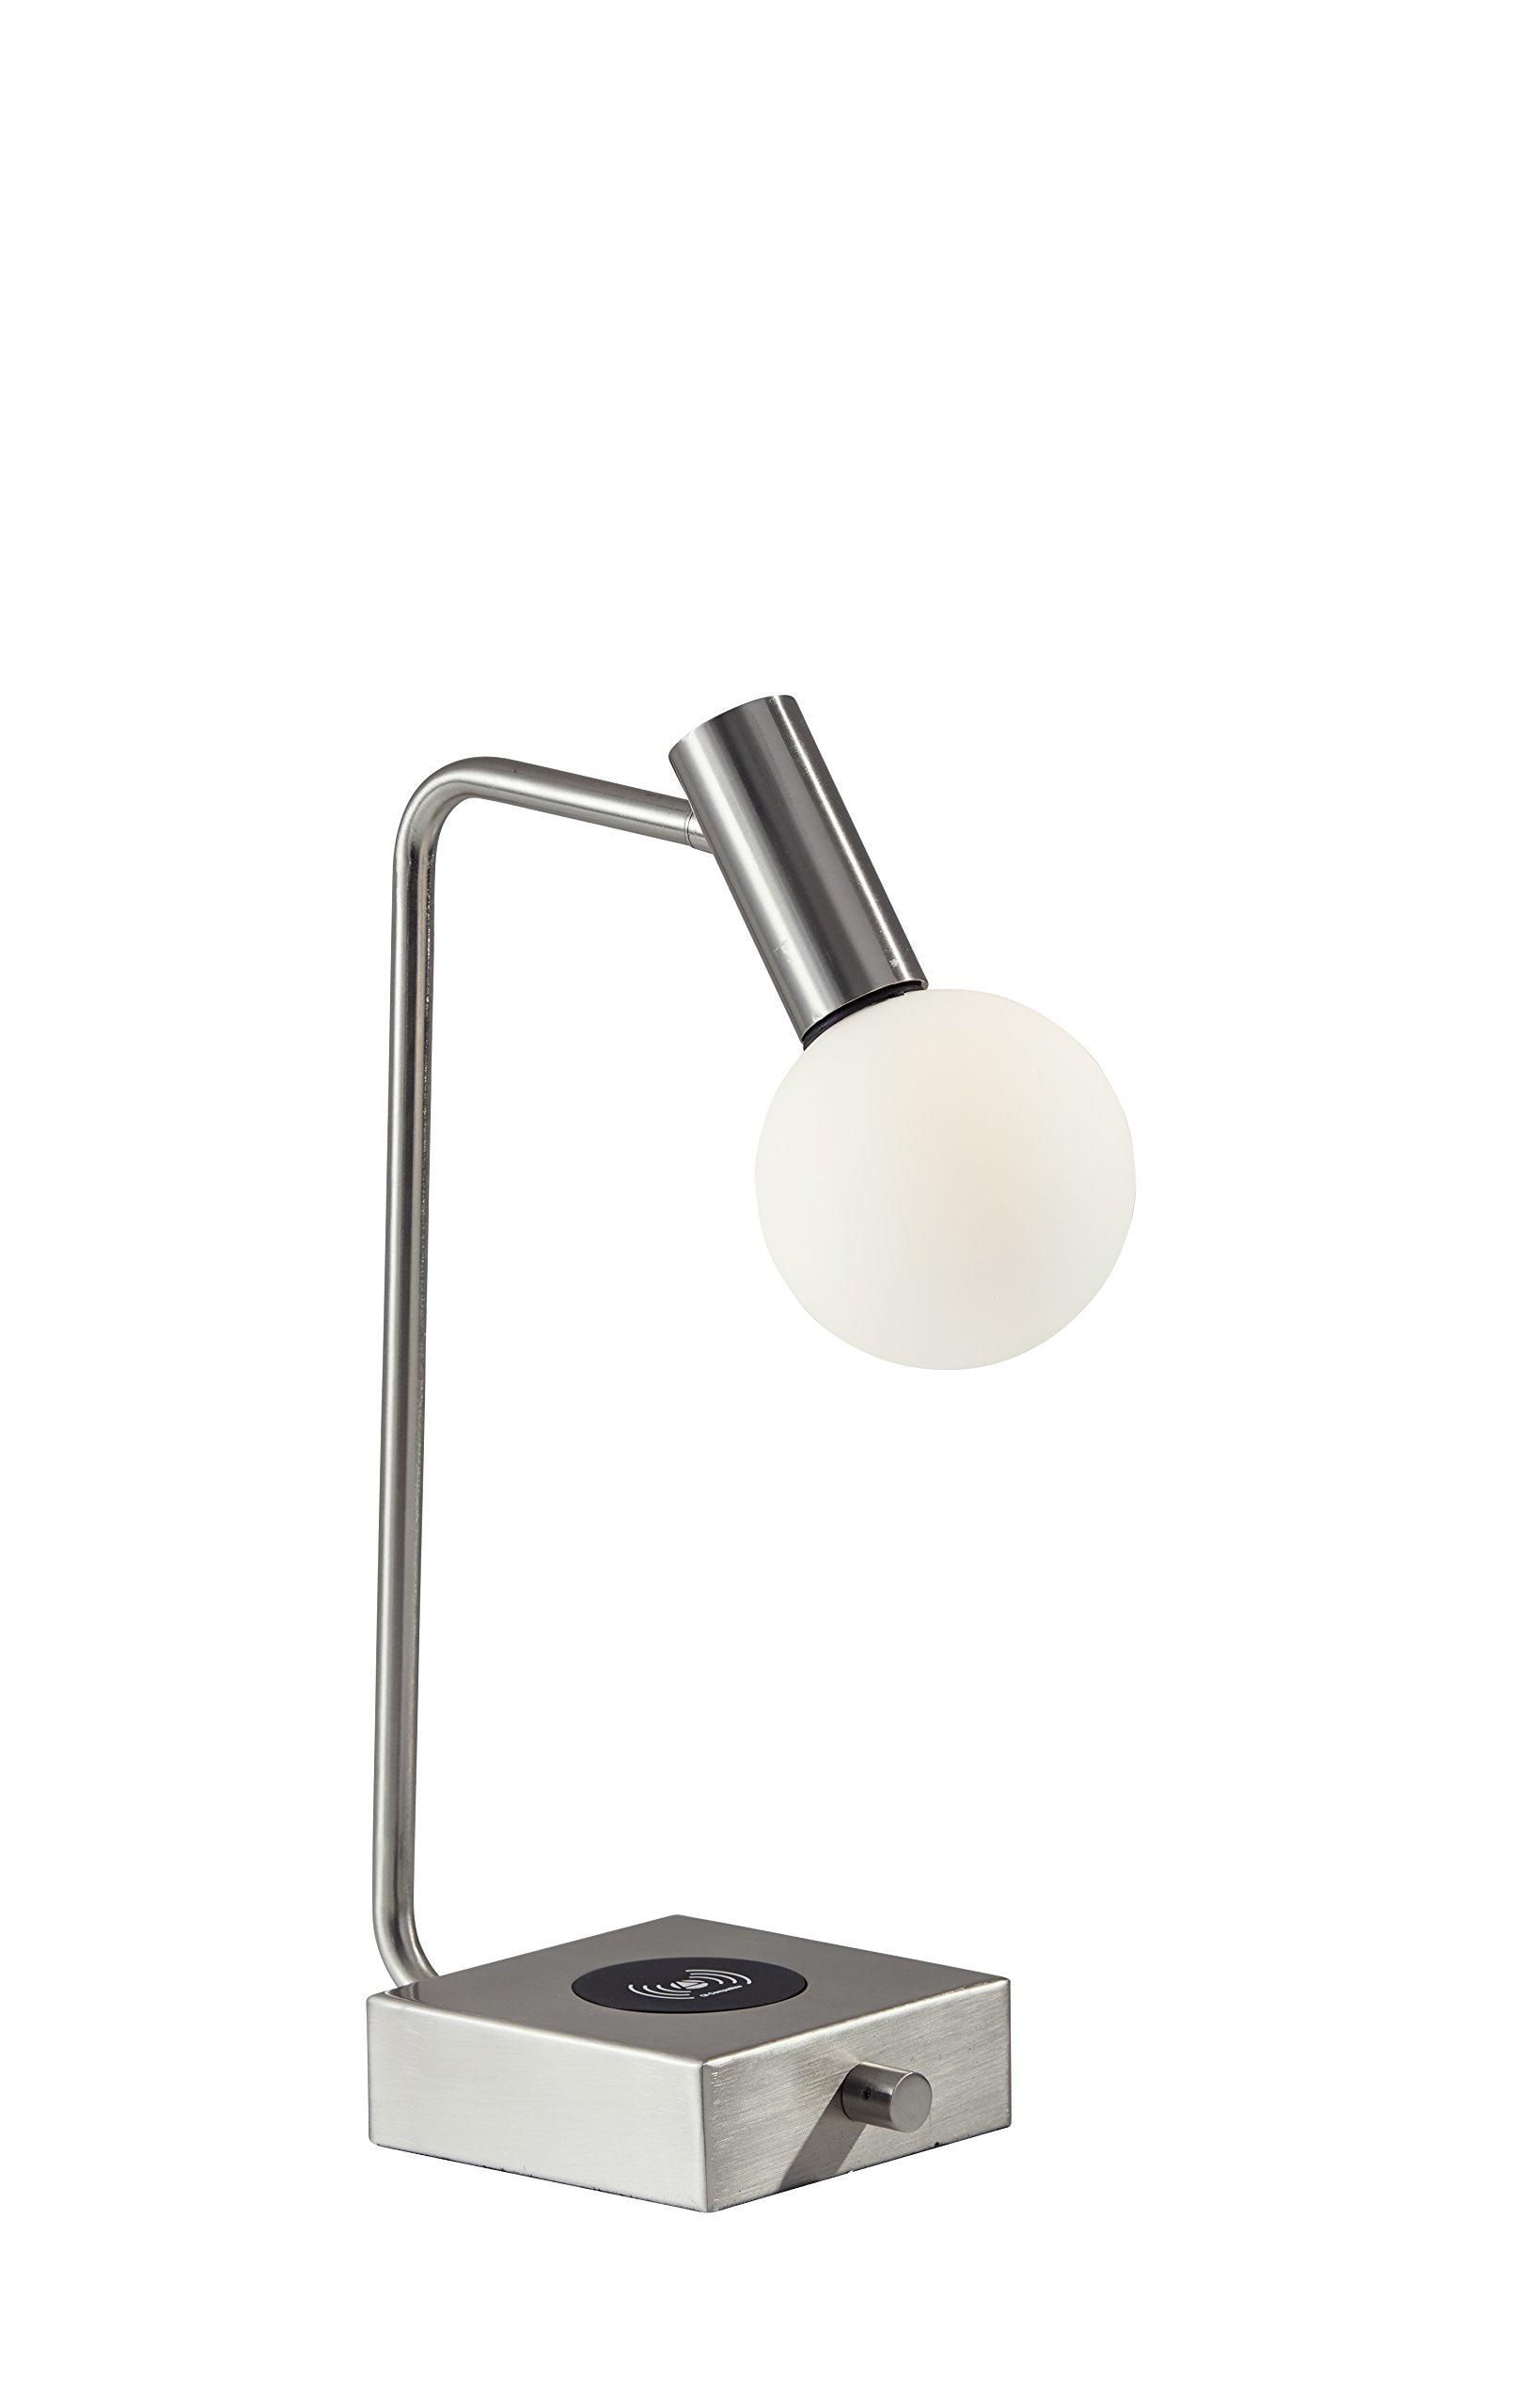 Adesso 3214-22 Windsor Charge LED Desk Lamp, Brushed Steel